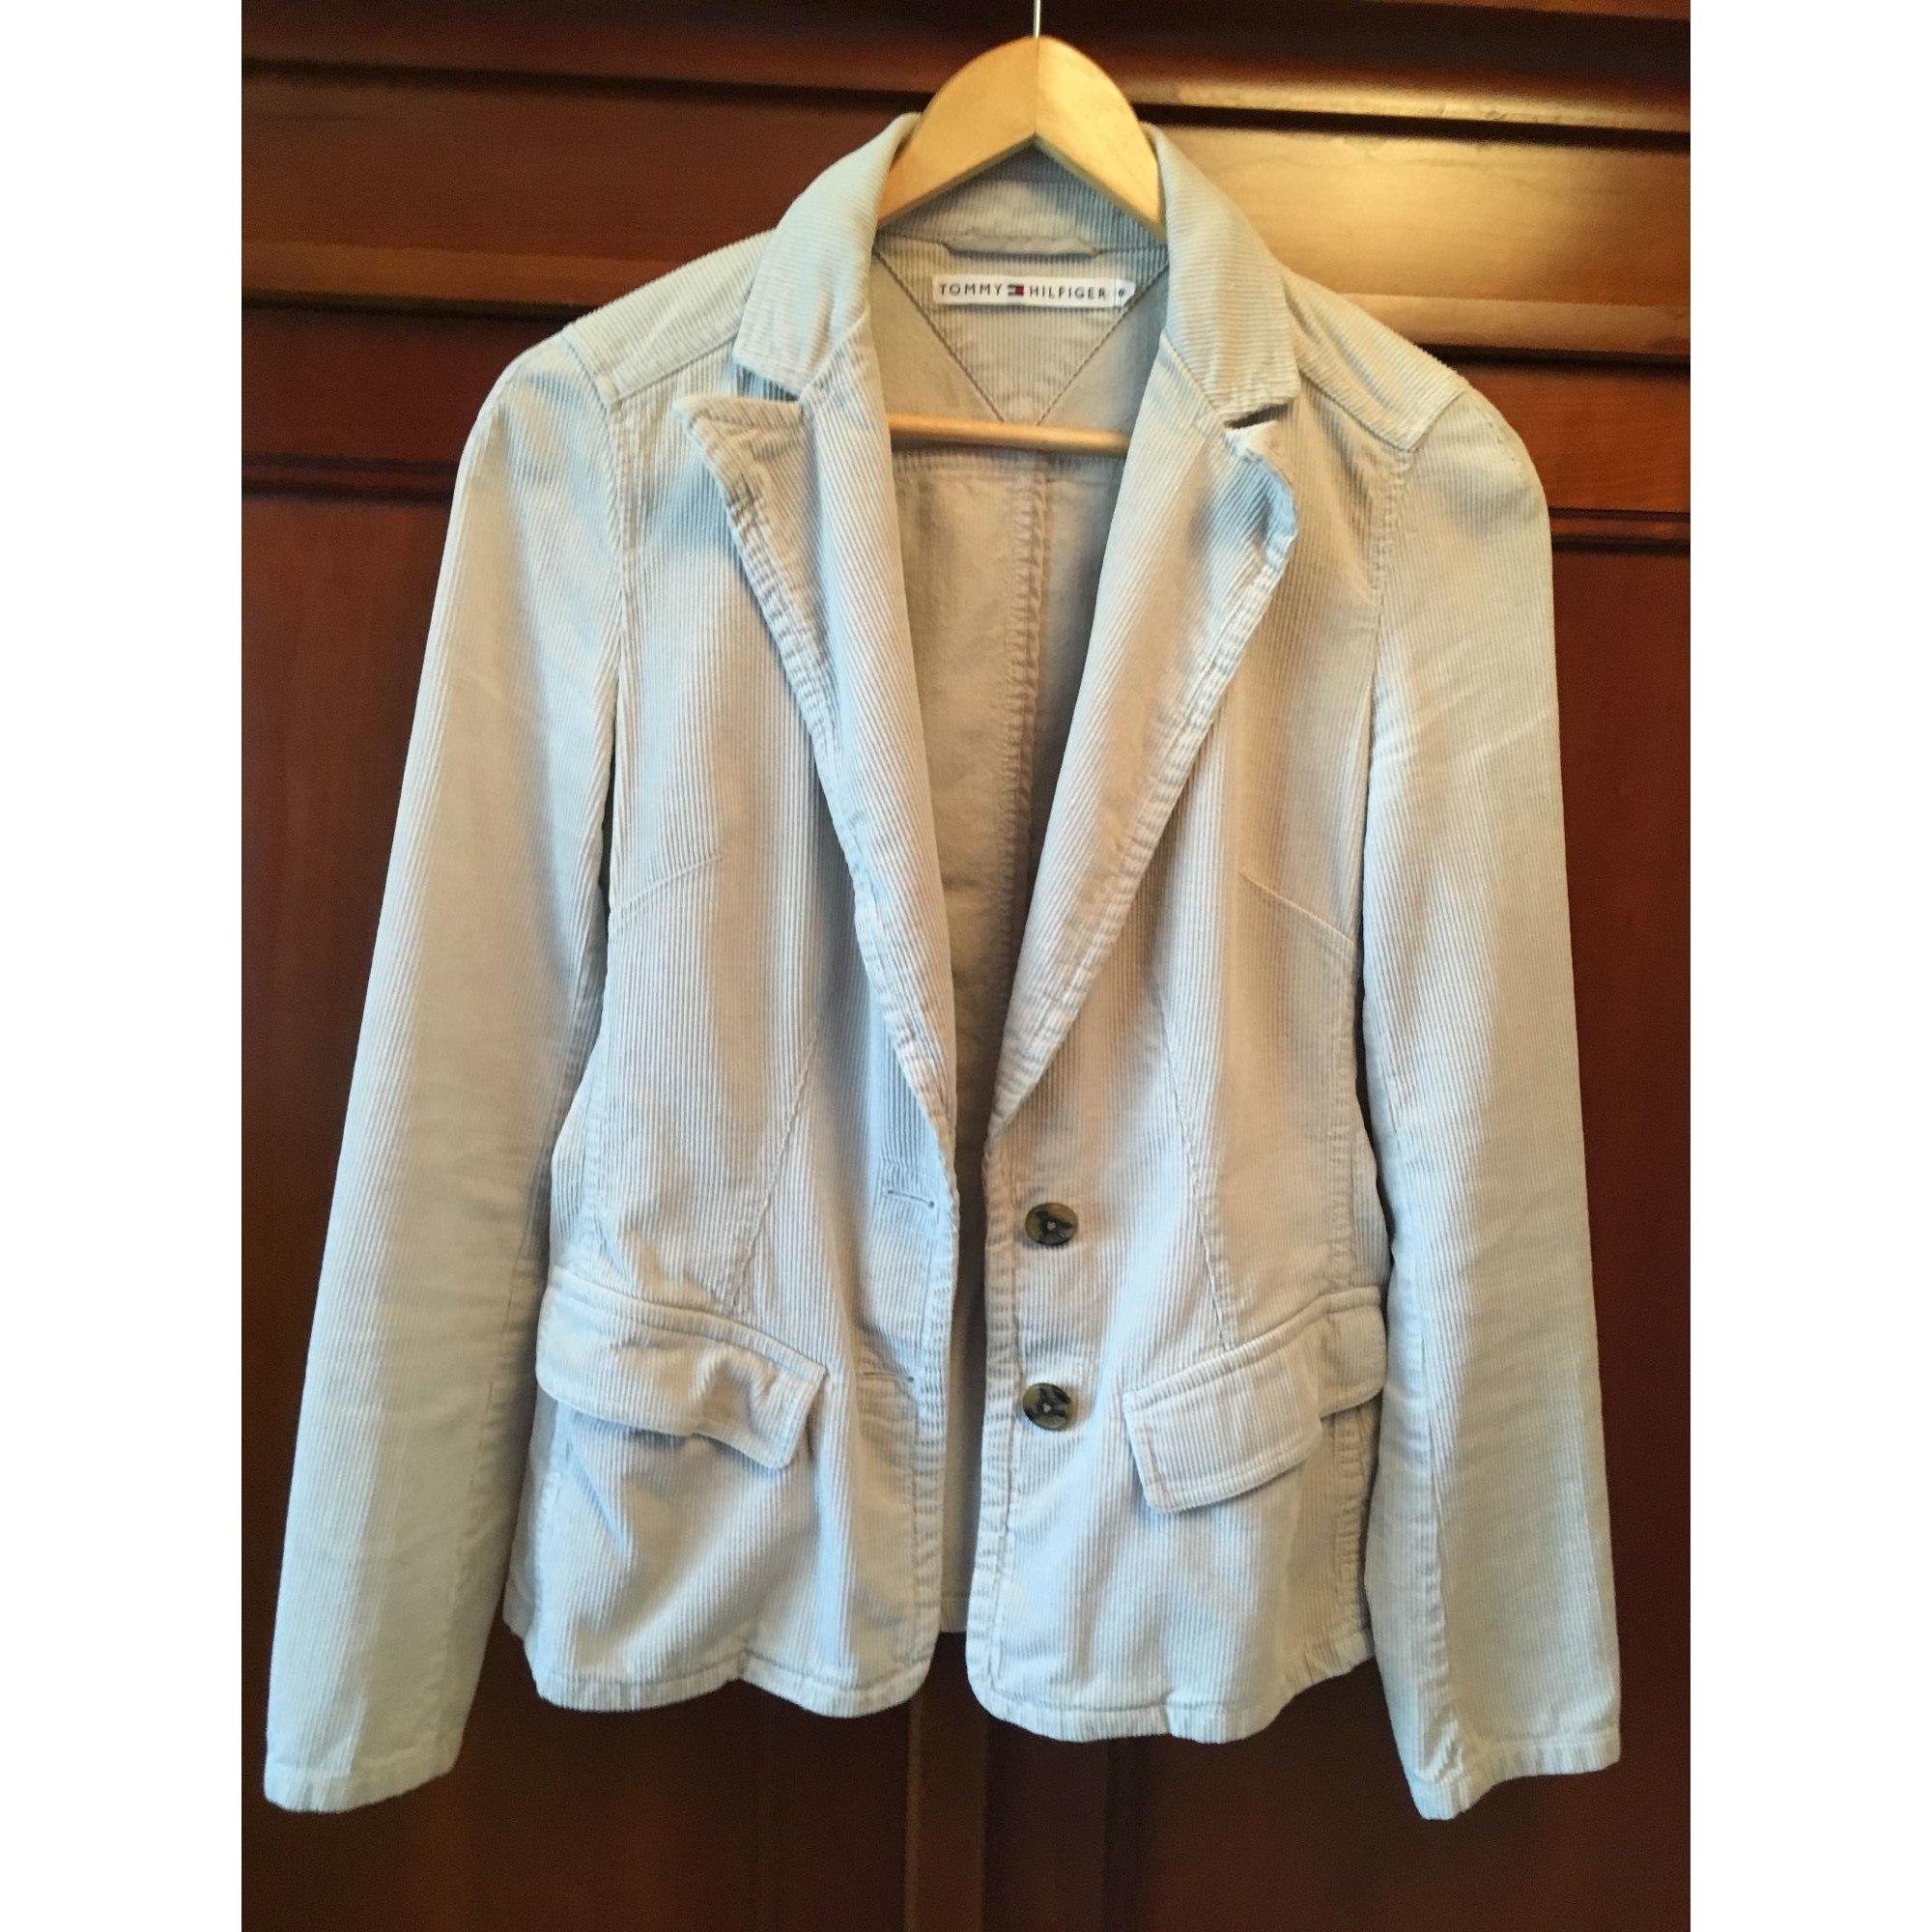 Blazer, veste tailleur TOMMY HILFIGER Blanc, blanc cassé, écru